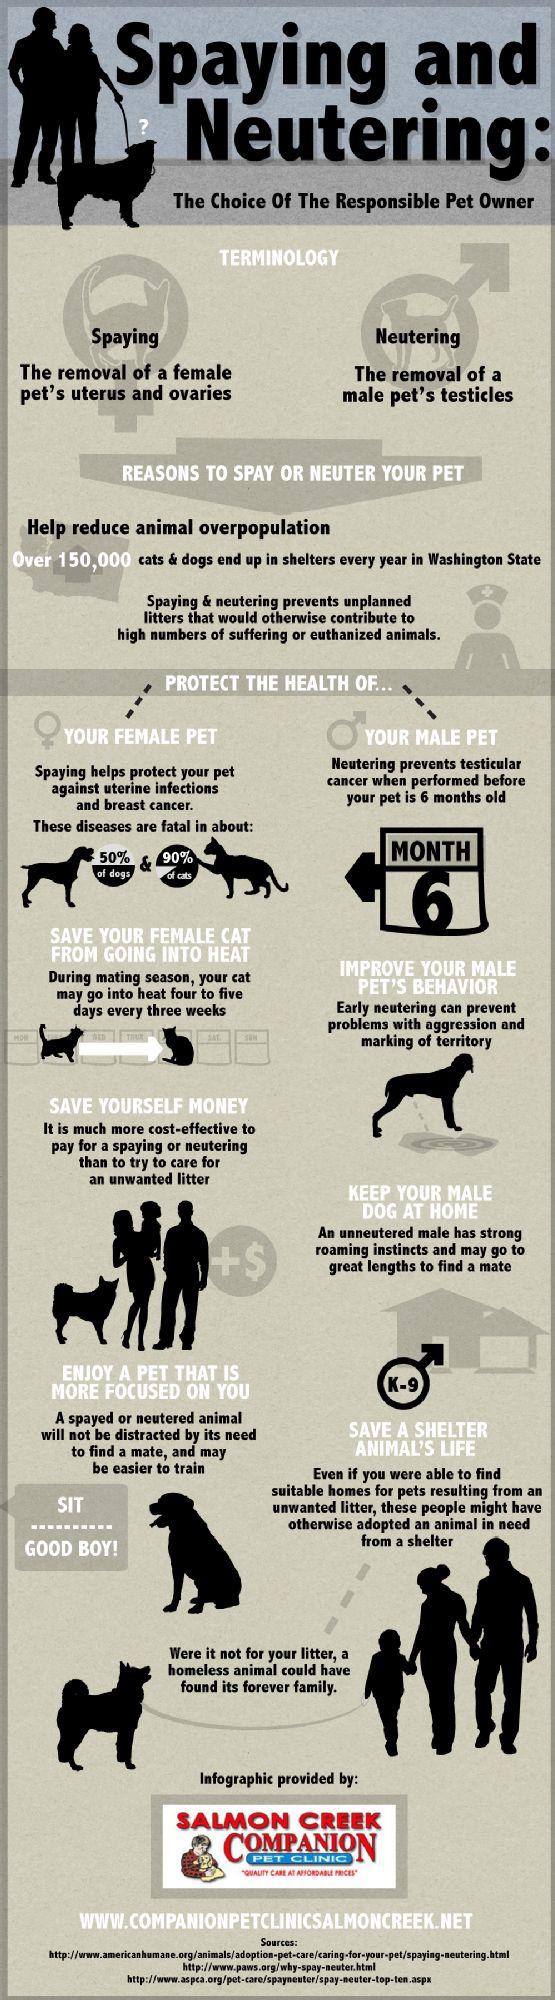 Spaying and Neutering: The Choice of the Responsible Pet Owner - Sterilizzazione e castrazione: la scelta del proprietario responsabile del proprio animale domestico